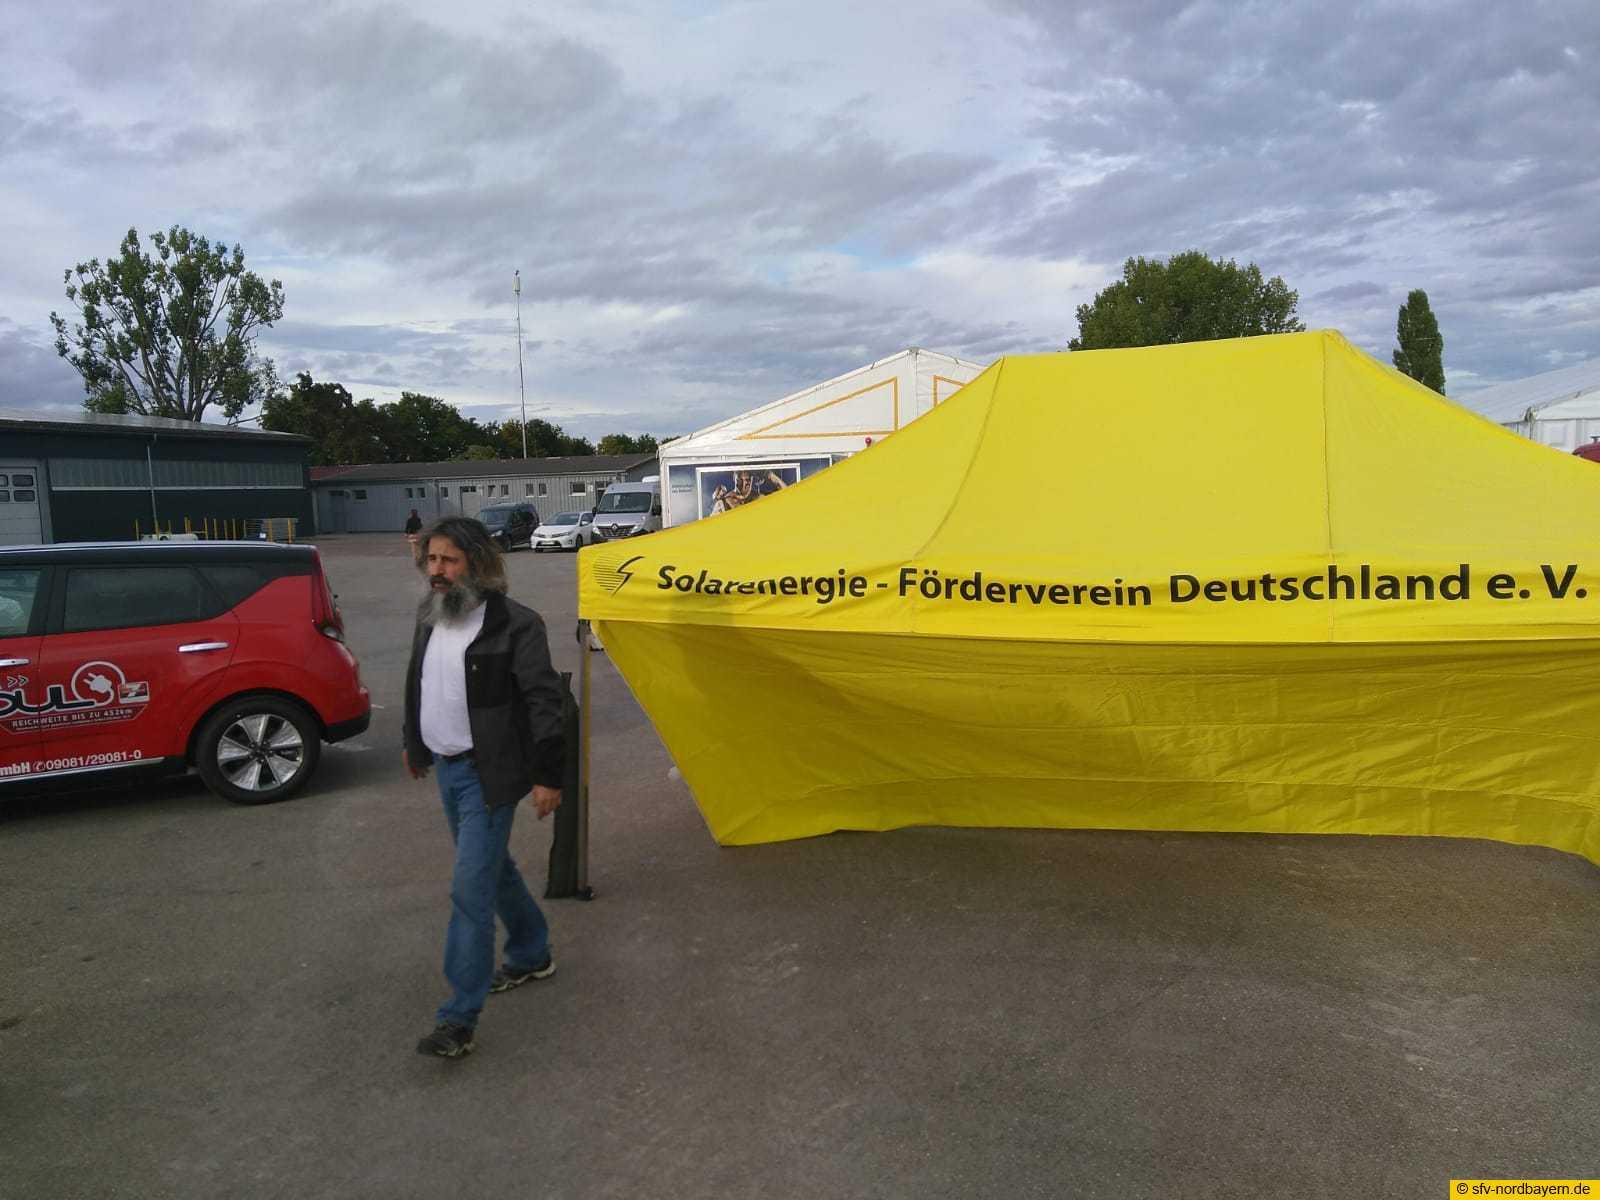 02.-06.10.19_eAusstellung_Nördlingen_6